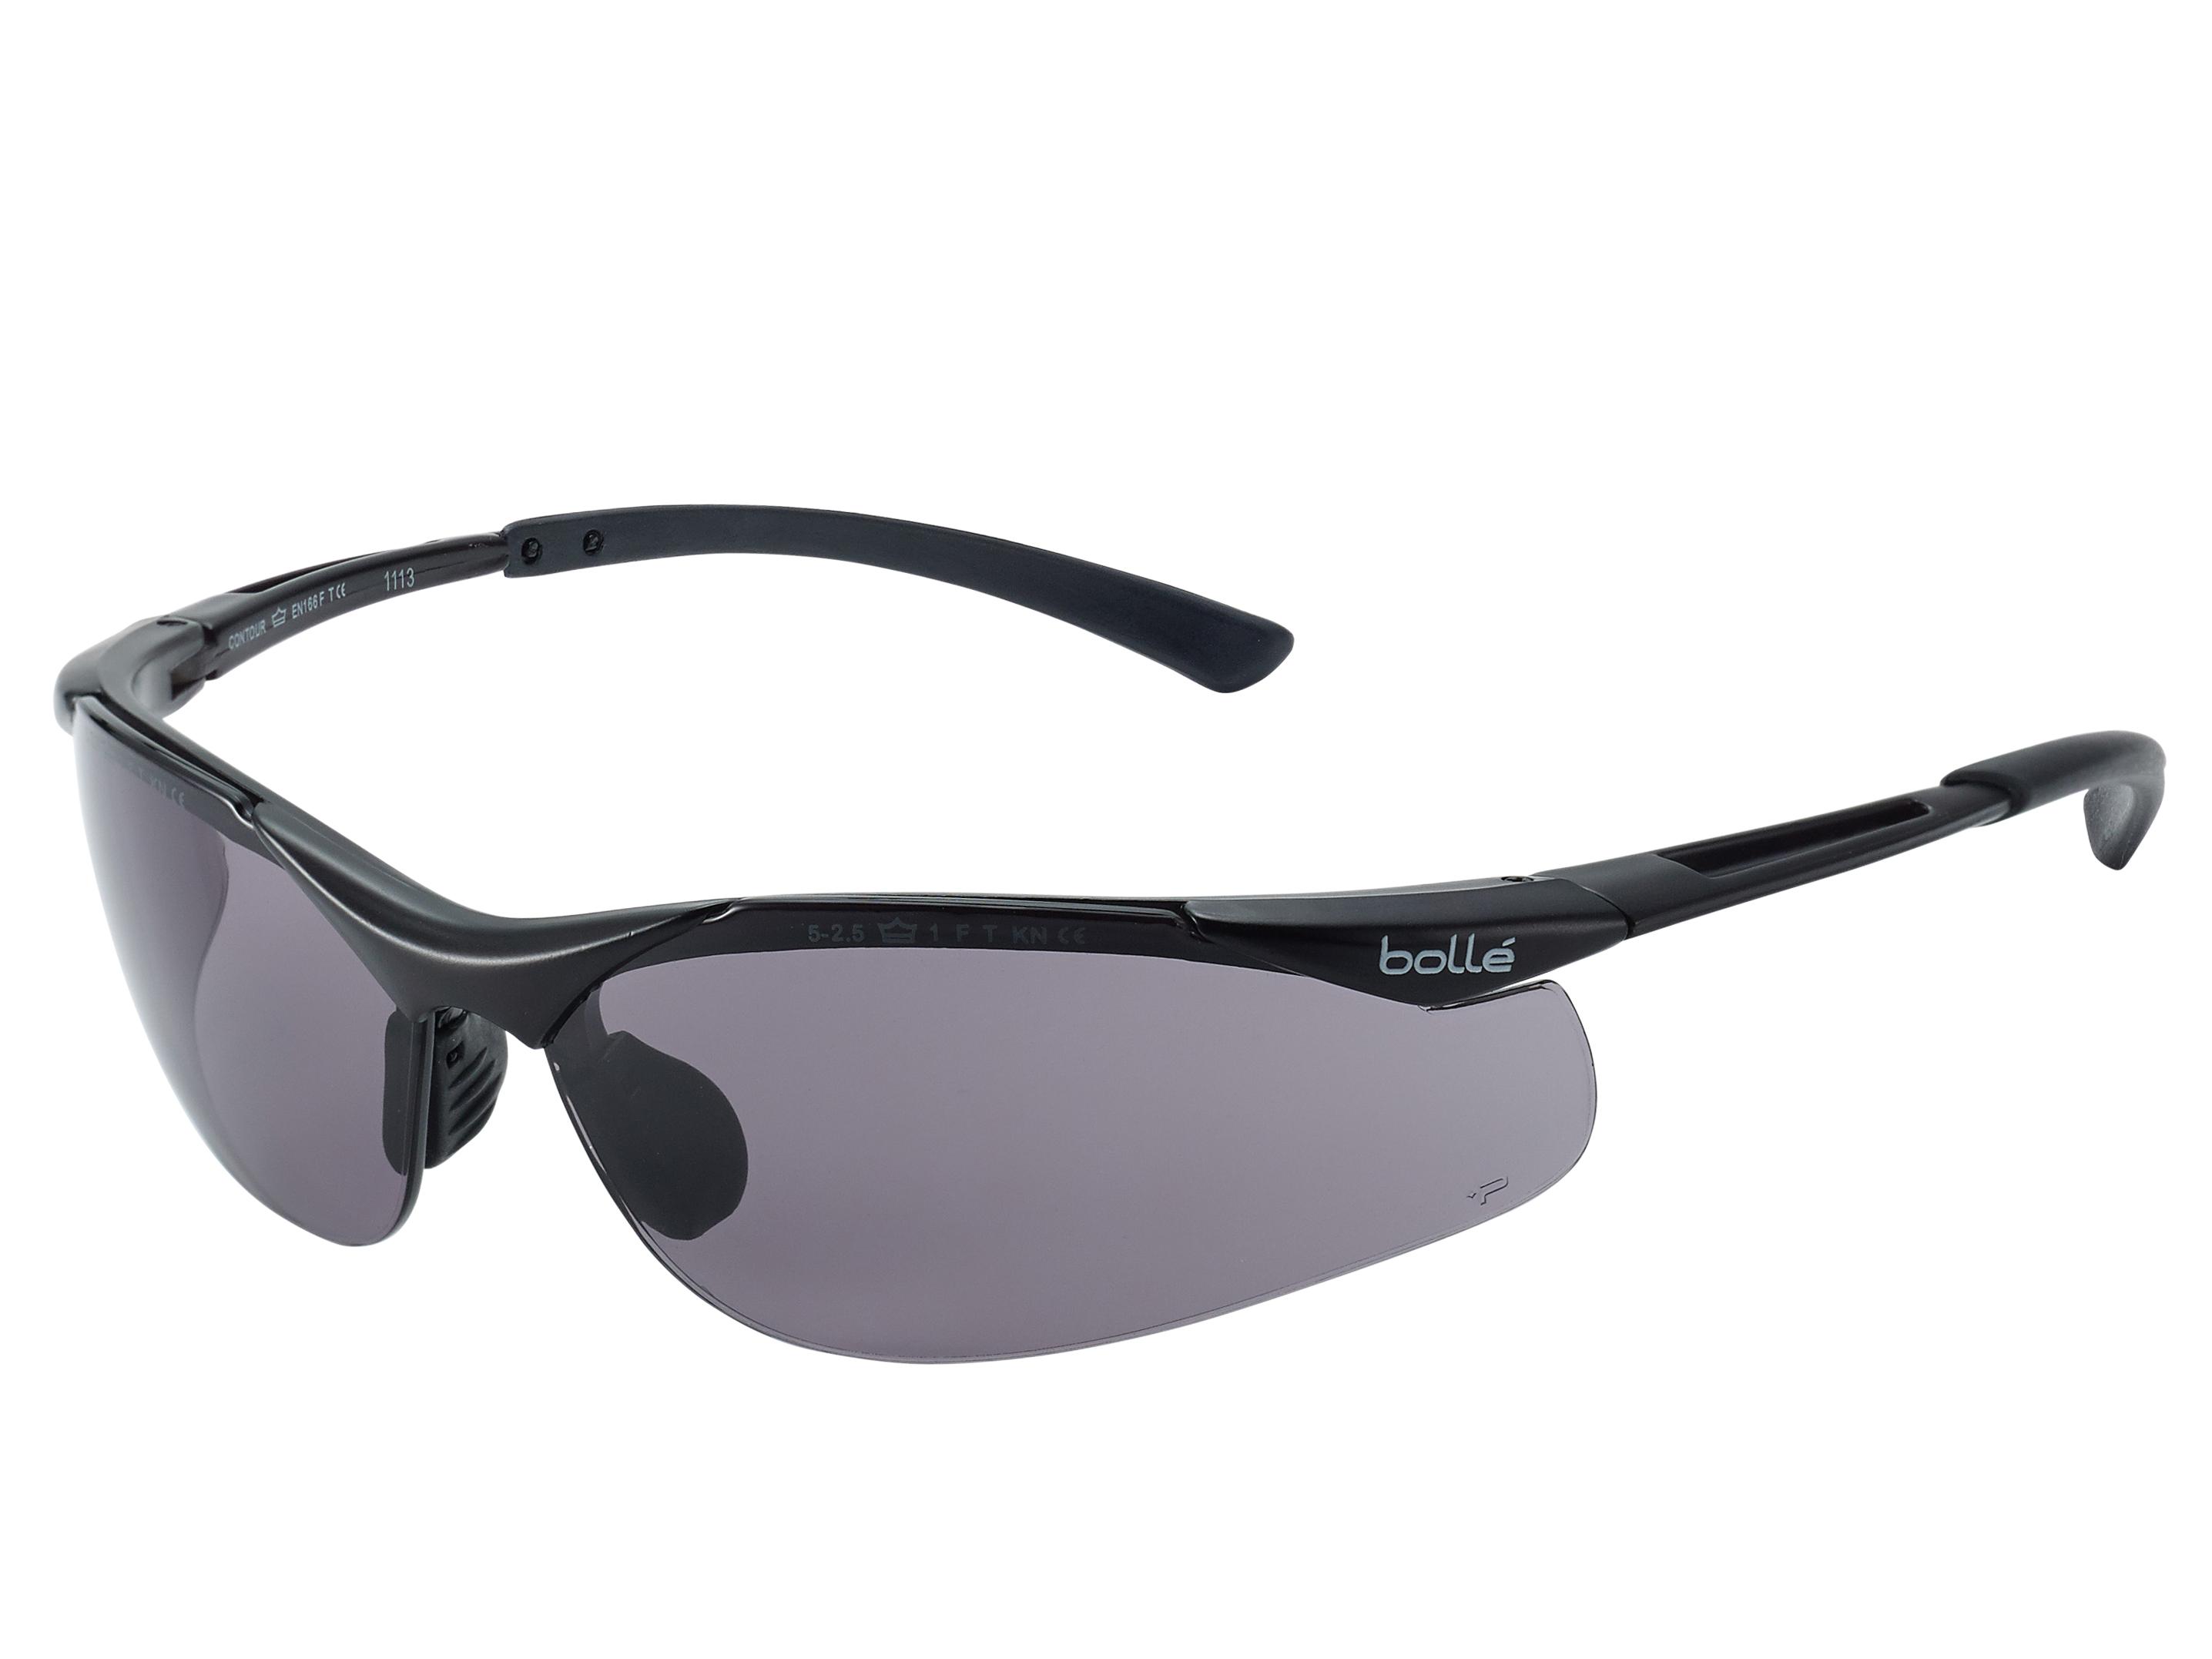 Bolle Contour Seguridad Gafas De Seguridad-Humo bolcontpsf